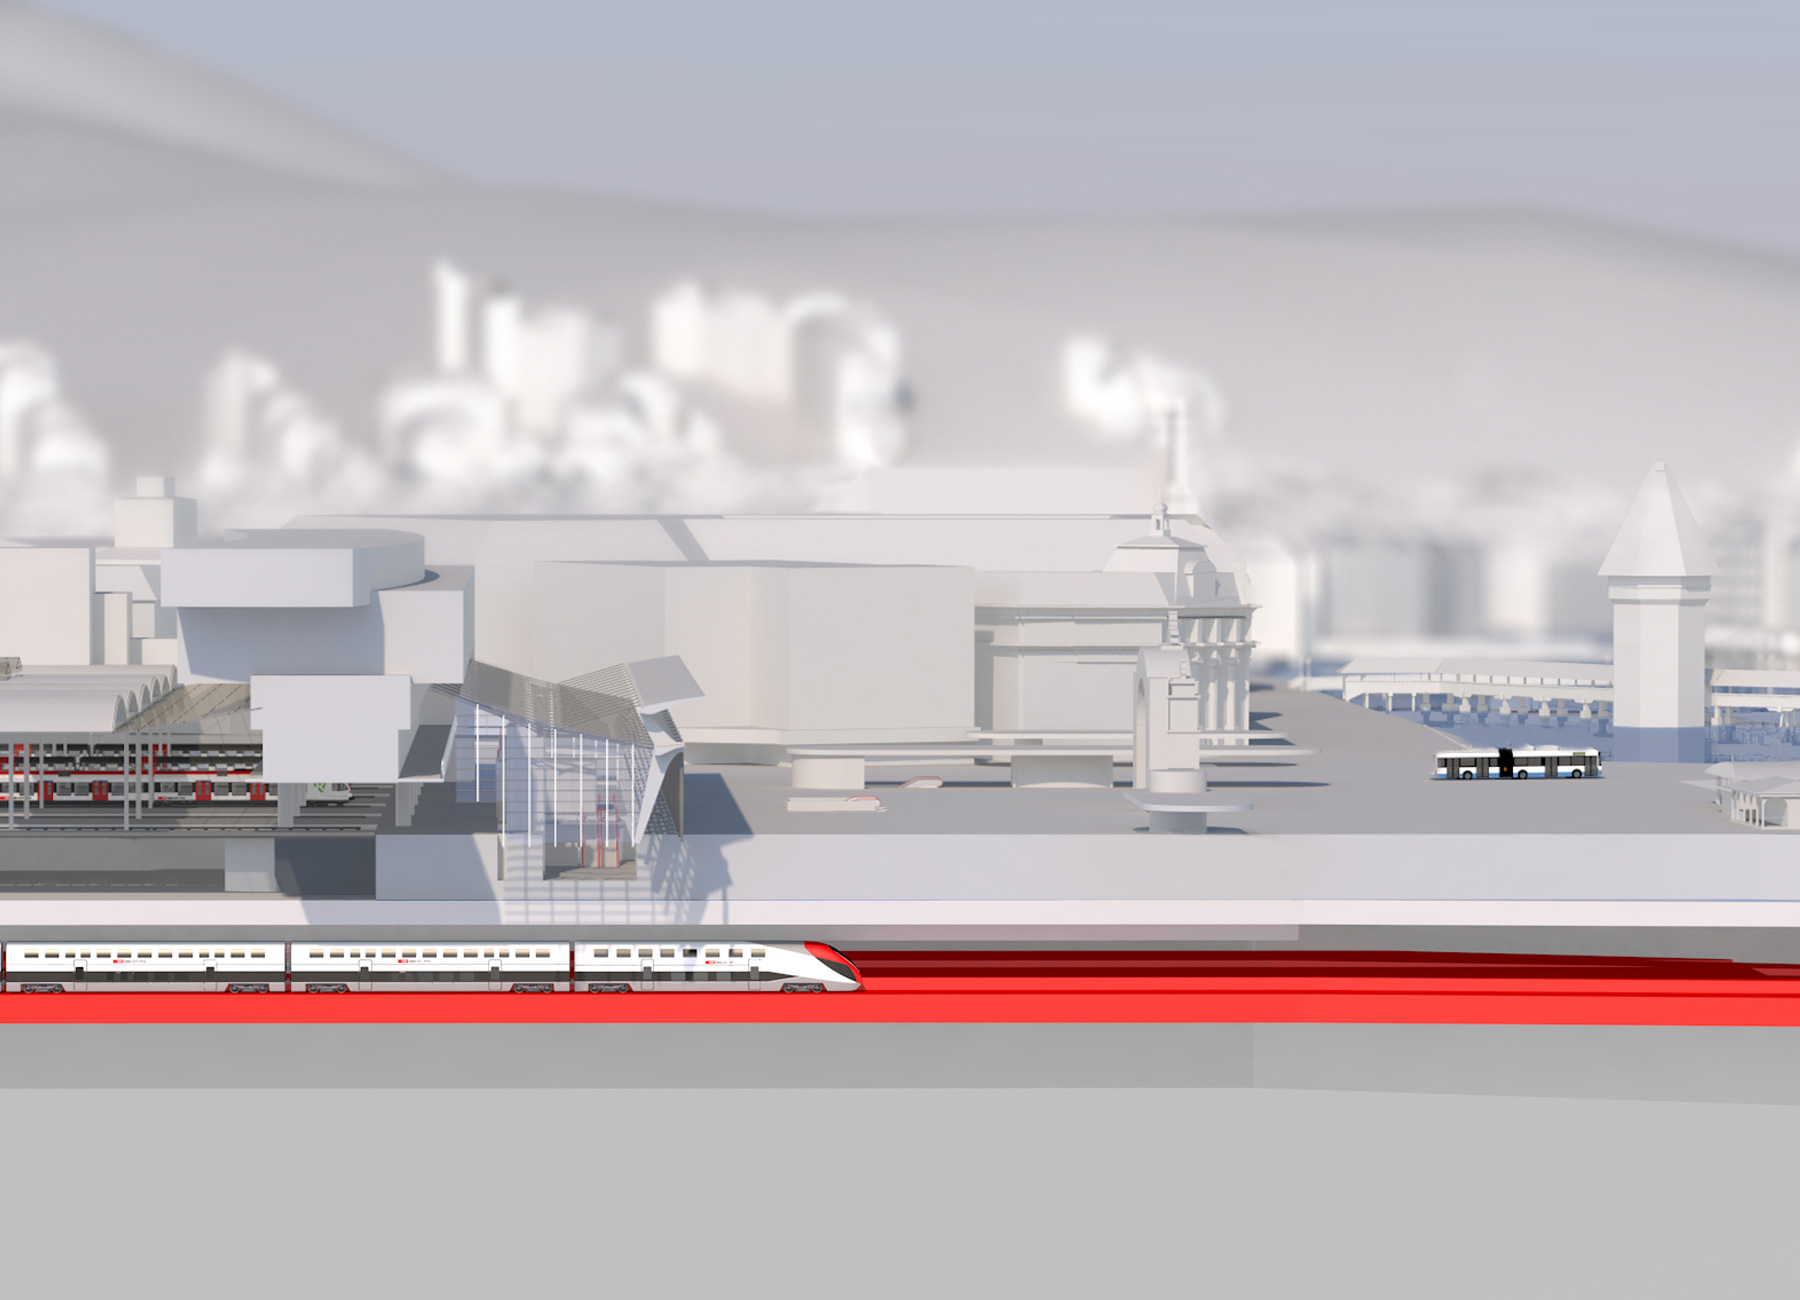 Durchgangsbahnhof Kanton Luzern Visuals Animation